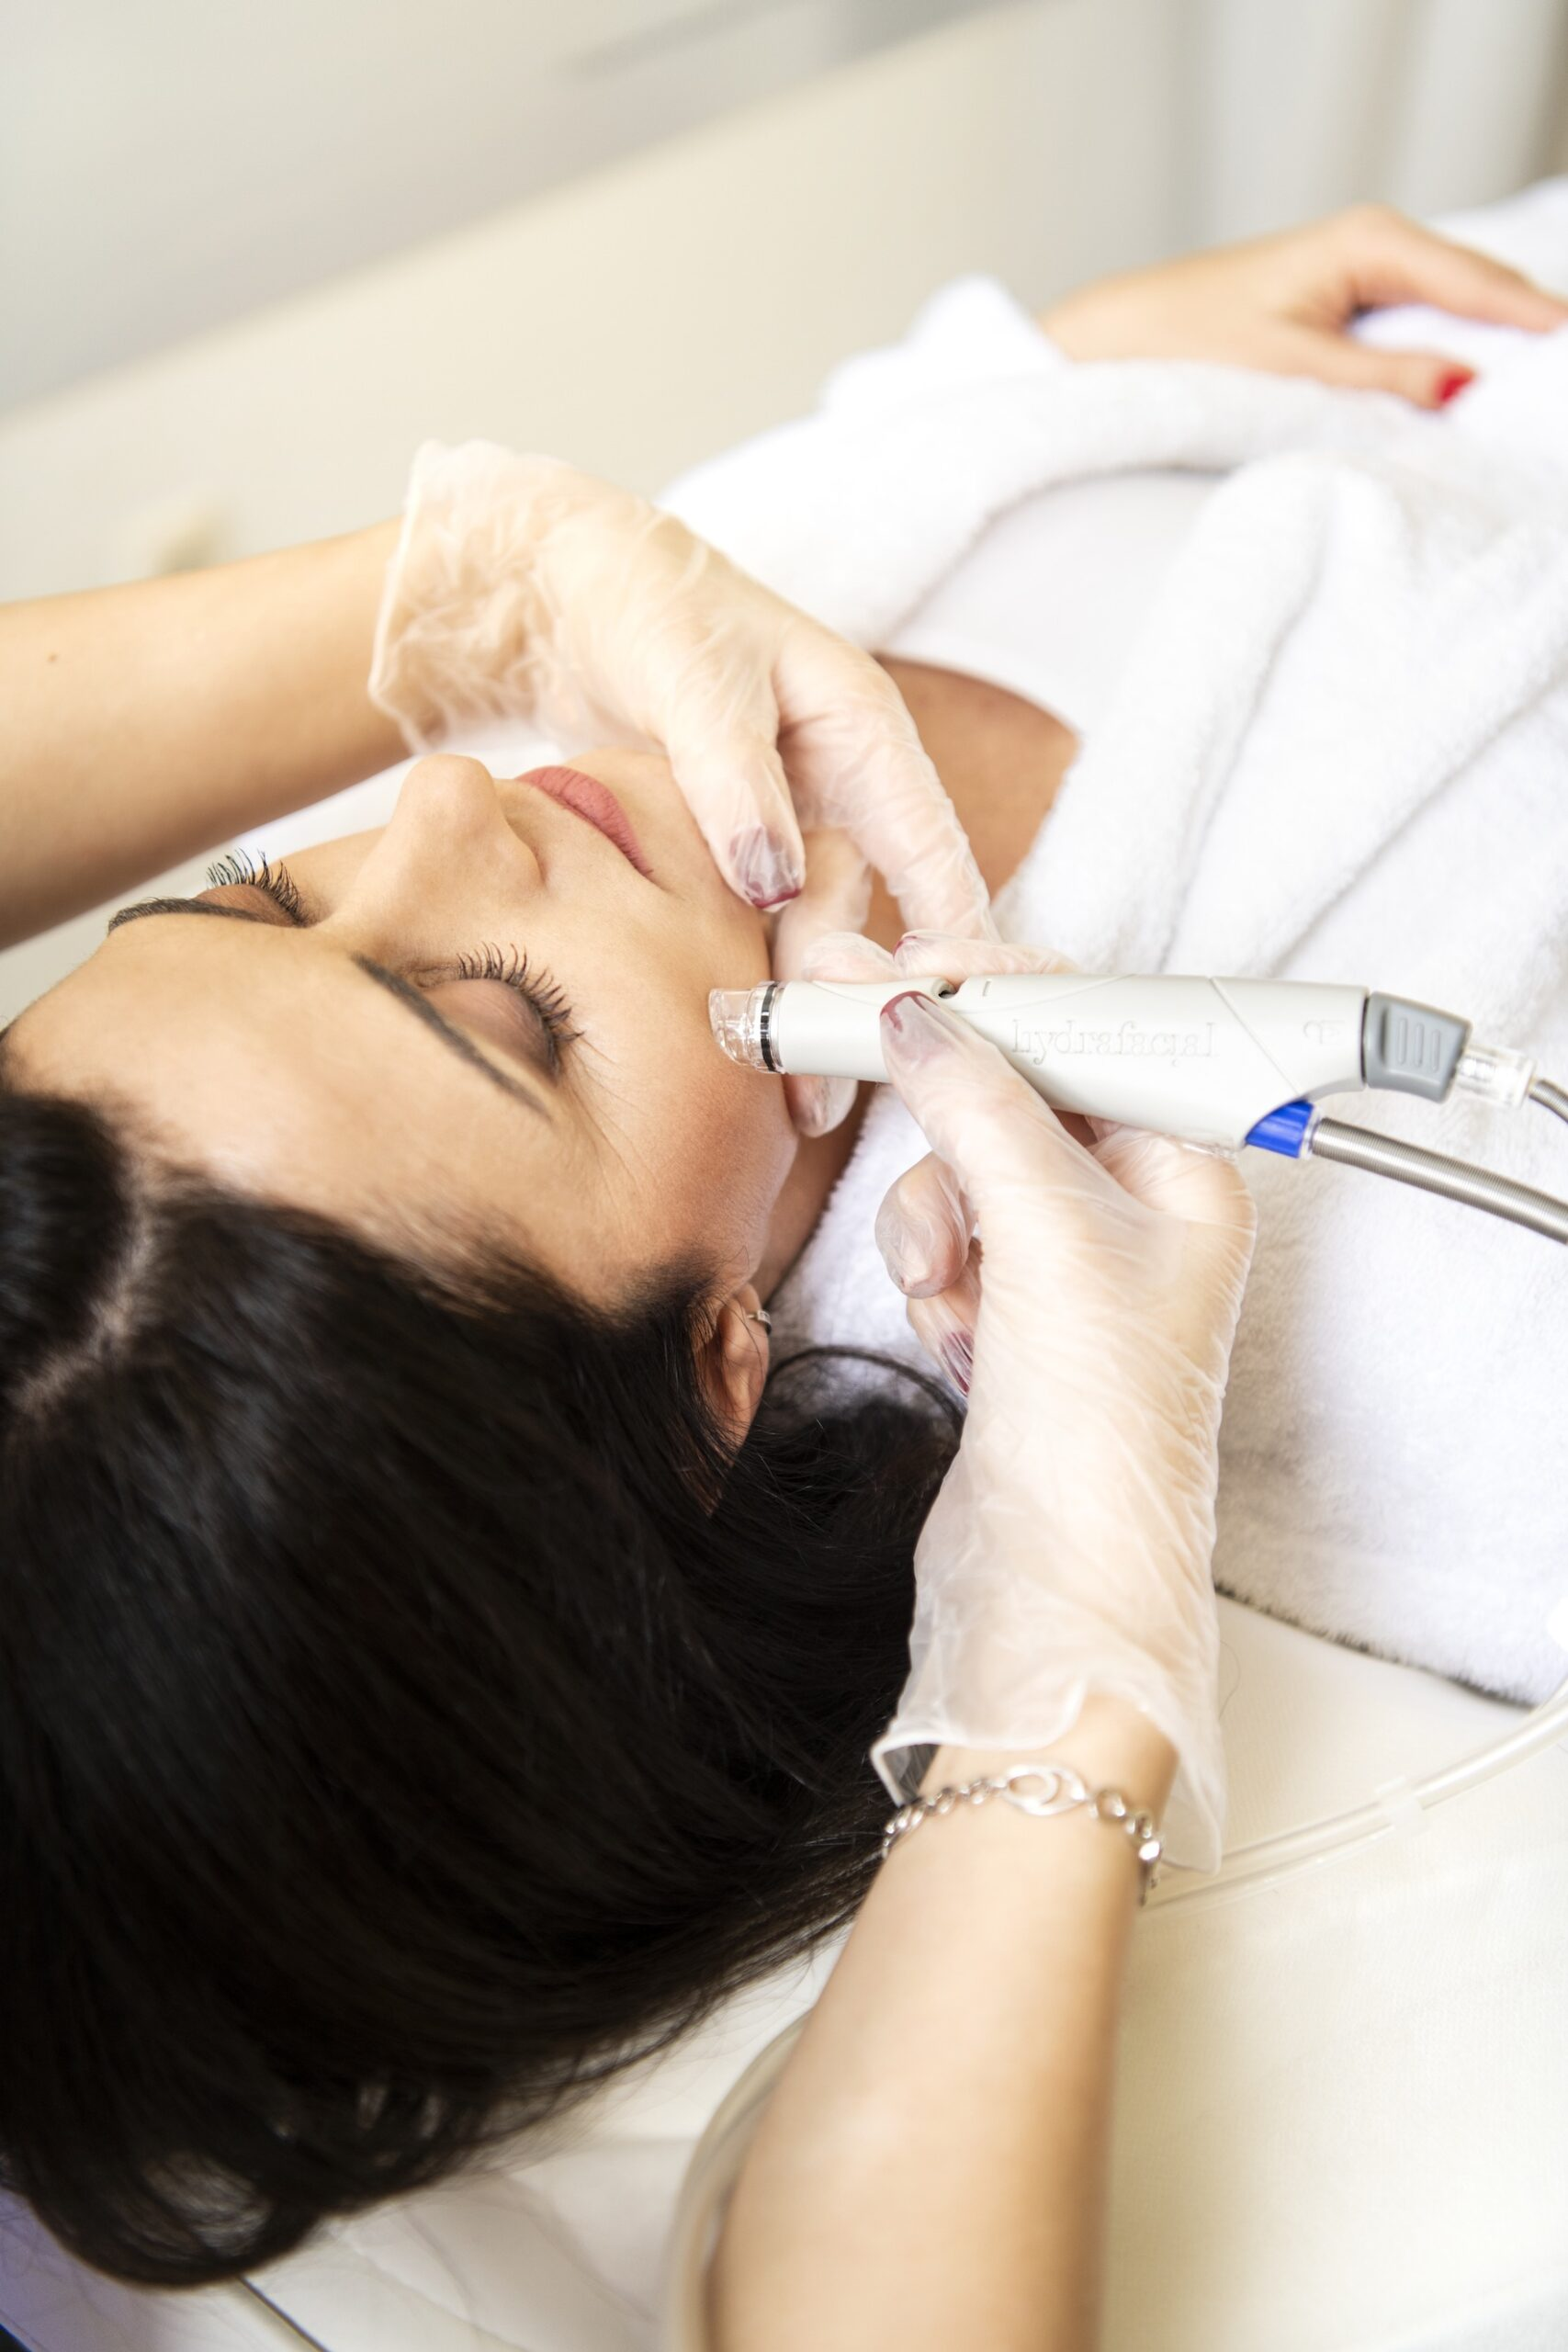 Hydrafacial 2.0 e най-ново поколение система за оптимално почистване и за мощно хидратиране и подхранване на кожата